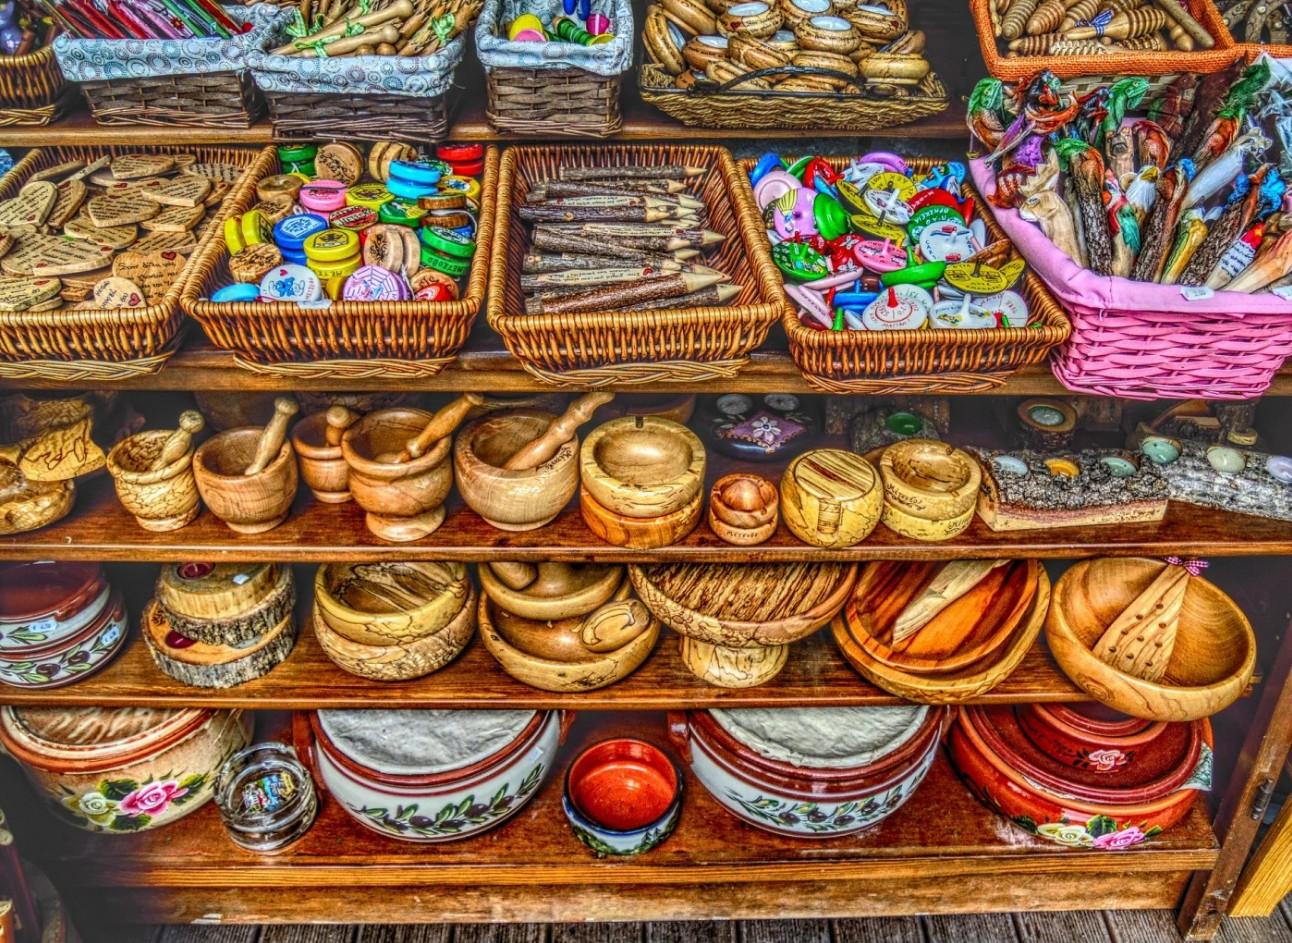 бизнес-идея заработка на продаже сувениров и подарков